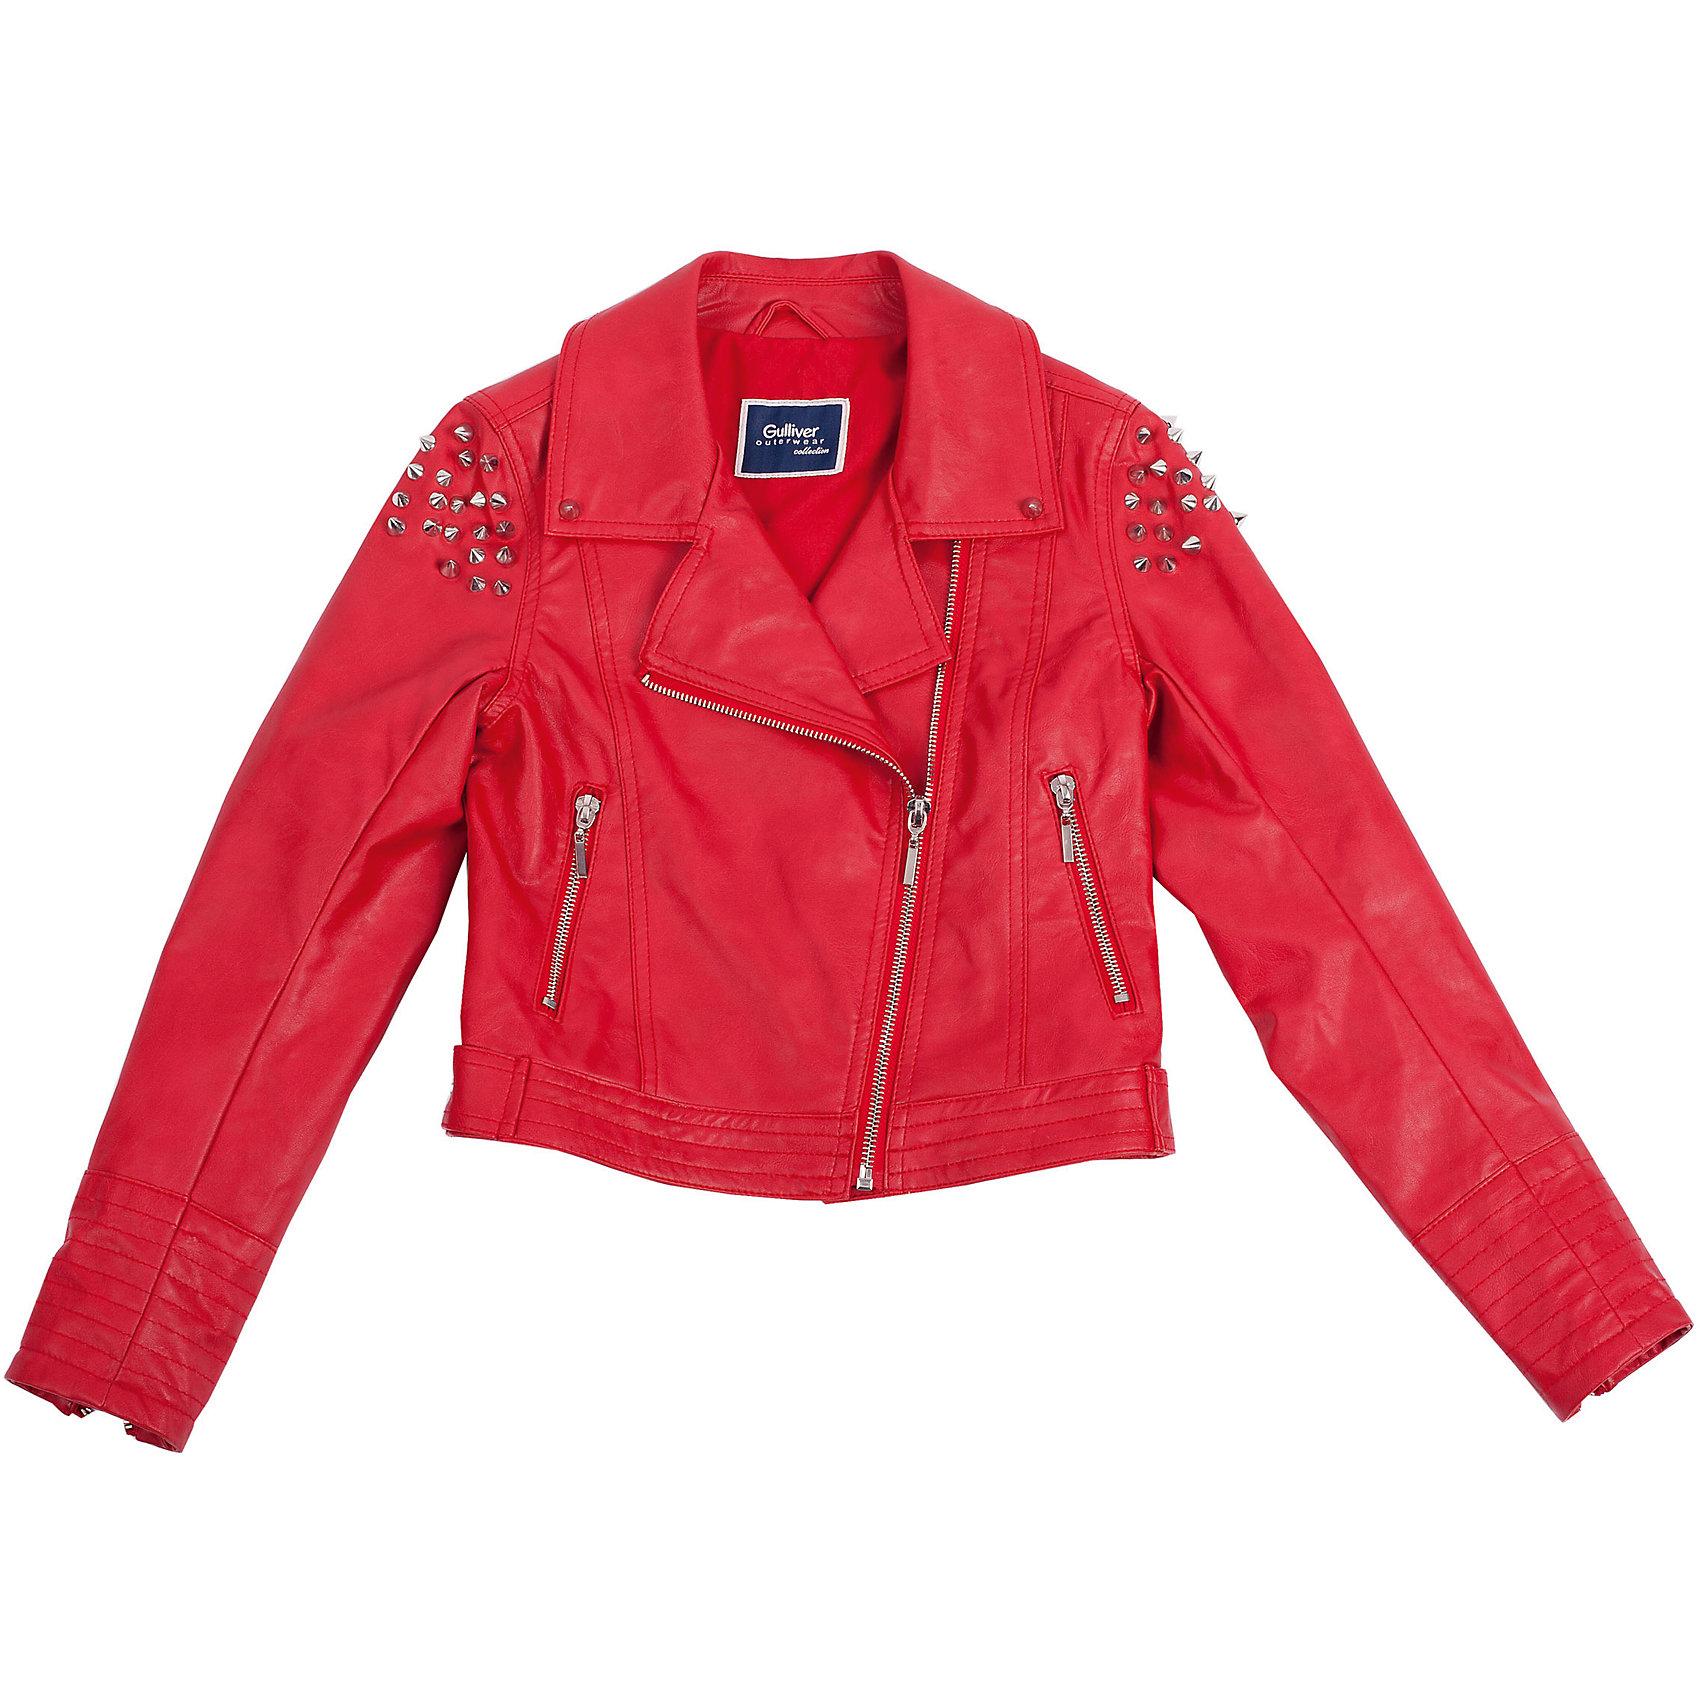 Ветровка для девочки GulliverВерхняя одежда<br>Стильная косуха из эко-кожи для девочки - хит сезона Весна/Лето 2016! Мечта юной модницы - красная куртка с асимметричной молнией выглядит дерзко, ярко, выразительно! Она сделана по всем законам жанра: укороченная длина, чуть приталенный силуэт, крупная металлическая фурнитура, заклепки. Красная кожаная косуха - стильная, удобная, практичная вещь, а также яркий, заметный элемент образа. Она хороша в компании с джинсами, а также весьма актуальна в сочетании с тонкими воздушными тканями. Словом, косуха в наше время - вещь универсальная. И, несмотря на то, что кожаная косуха - привычный элемент байкерского стиля, она идеально подойдет и для романтического, и для спортивного образа, придав ему свежесть и оригинальность. Купить косуху для девочки - значит, сделать ее образ эффектным, динамичным, ярким.<br>Состав:<br>верх:  100%полиуретан;  подкладка:  50%хлопок  50%полиэстер<br><br>Ширина мм: 356<br>Глубина мм: 10<br>Высота мм: 245<br>Вес г: 519<br>Цвет: красный<br>Возраст от месяцев: 72<br>Возраст до месяцев: 84<br>Пол: Женский<br>Возраст: Детский<br>Размер: 122,128,140,134<br>SKU: 4534867